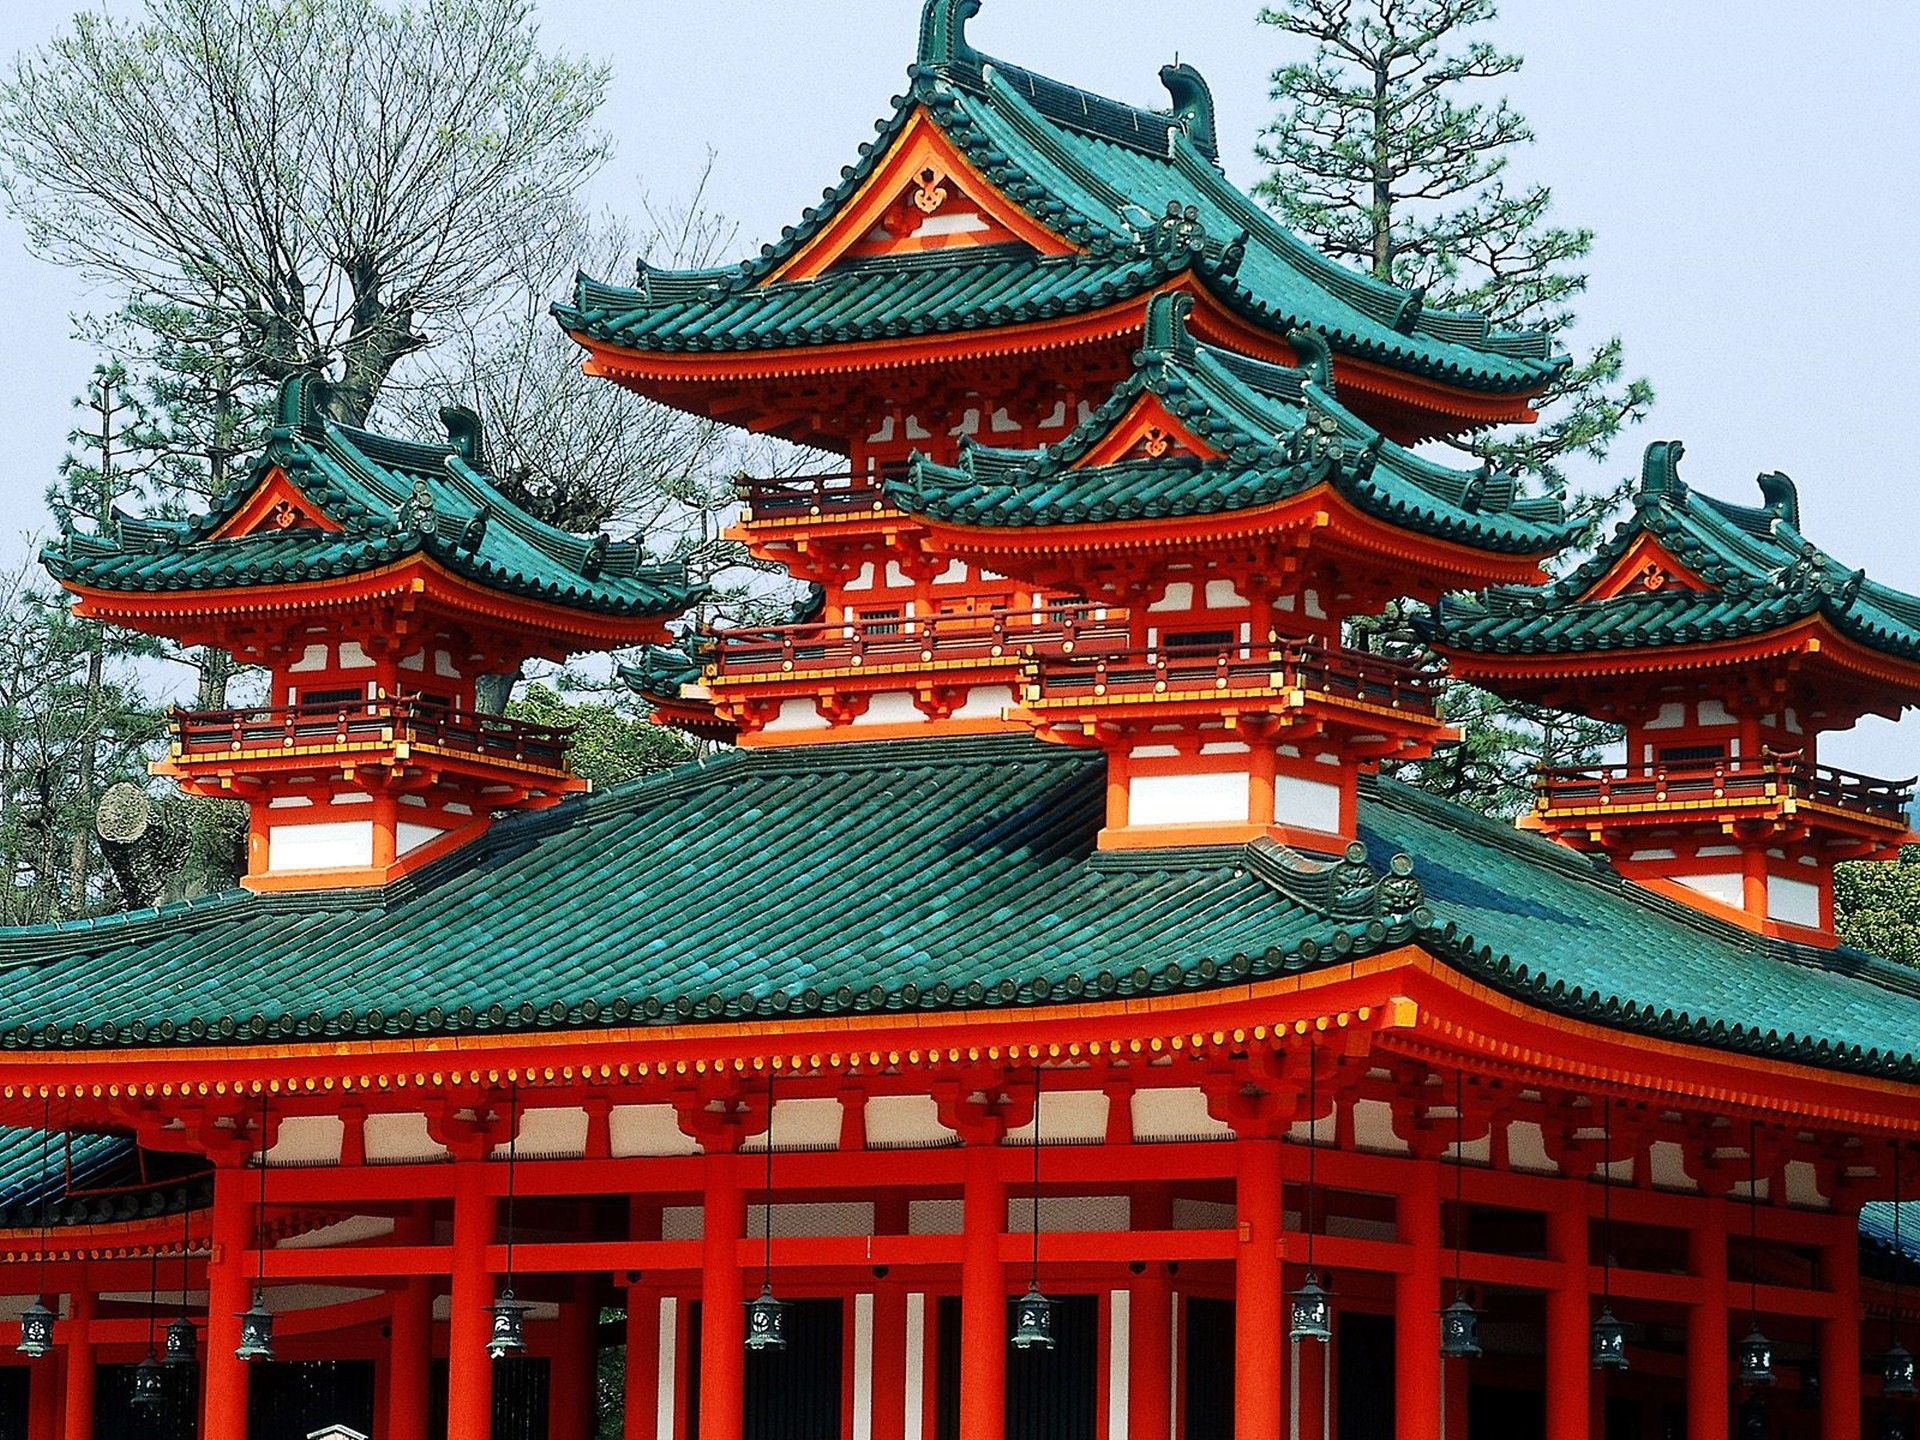 Chia sẻ của du học sinh Việt tại Nhật: Rau xanh là thứ đắt nhất và thứ gây nhớ nhung nhất là cơm nhà - Ảnh 7.